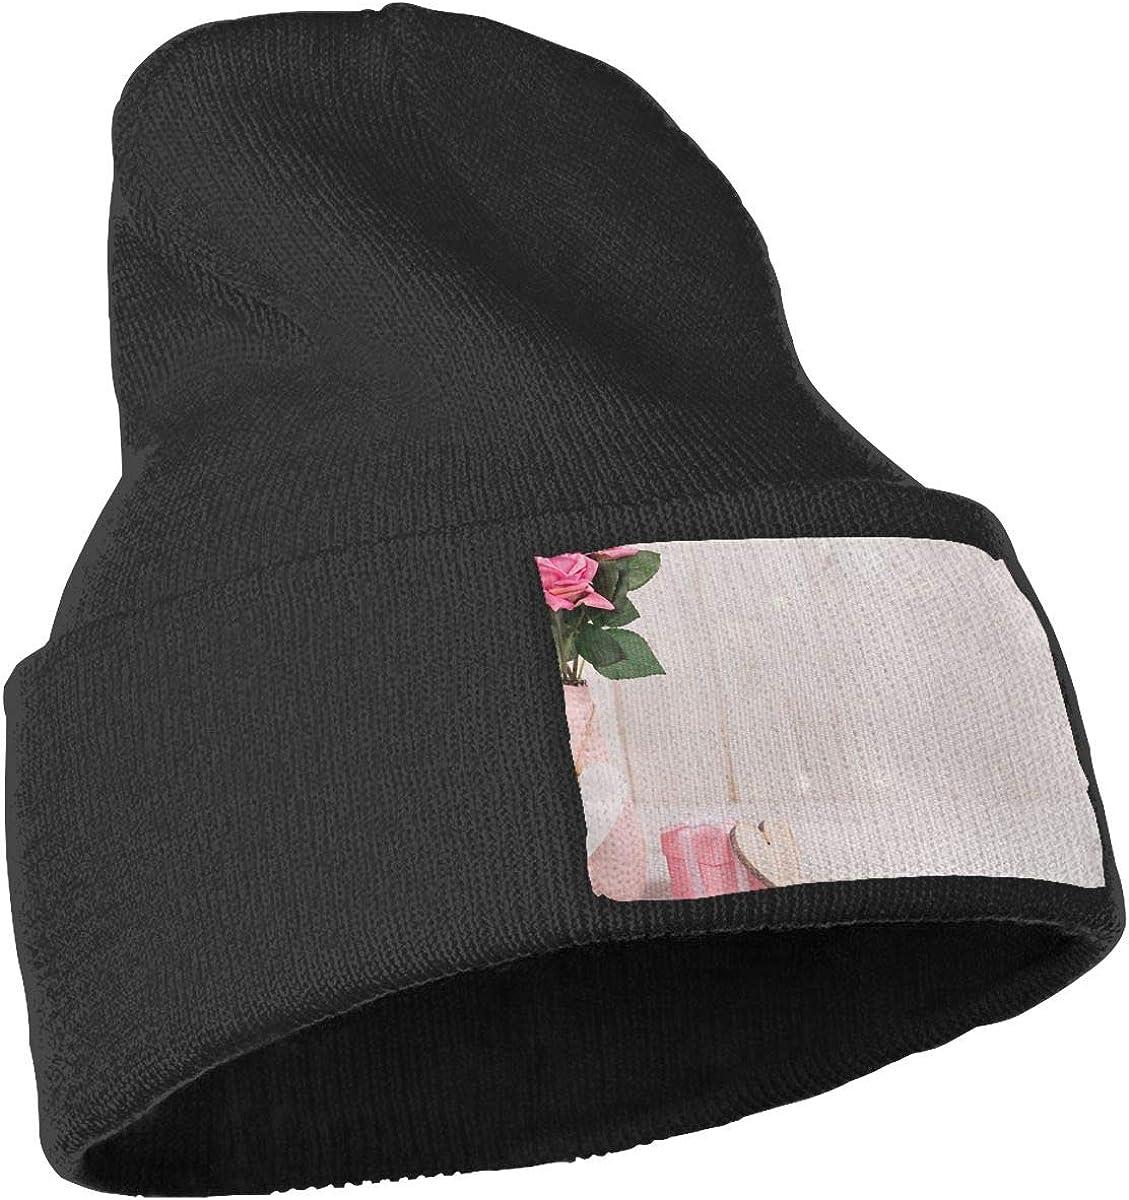 QZqDQ Pink Flower Unisex Fashion Knitted Hat Luxury Hip-Hop Cap